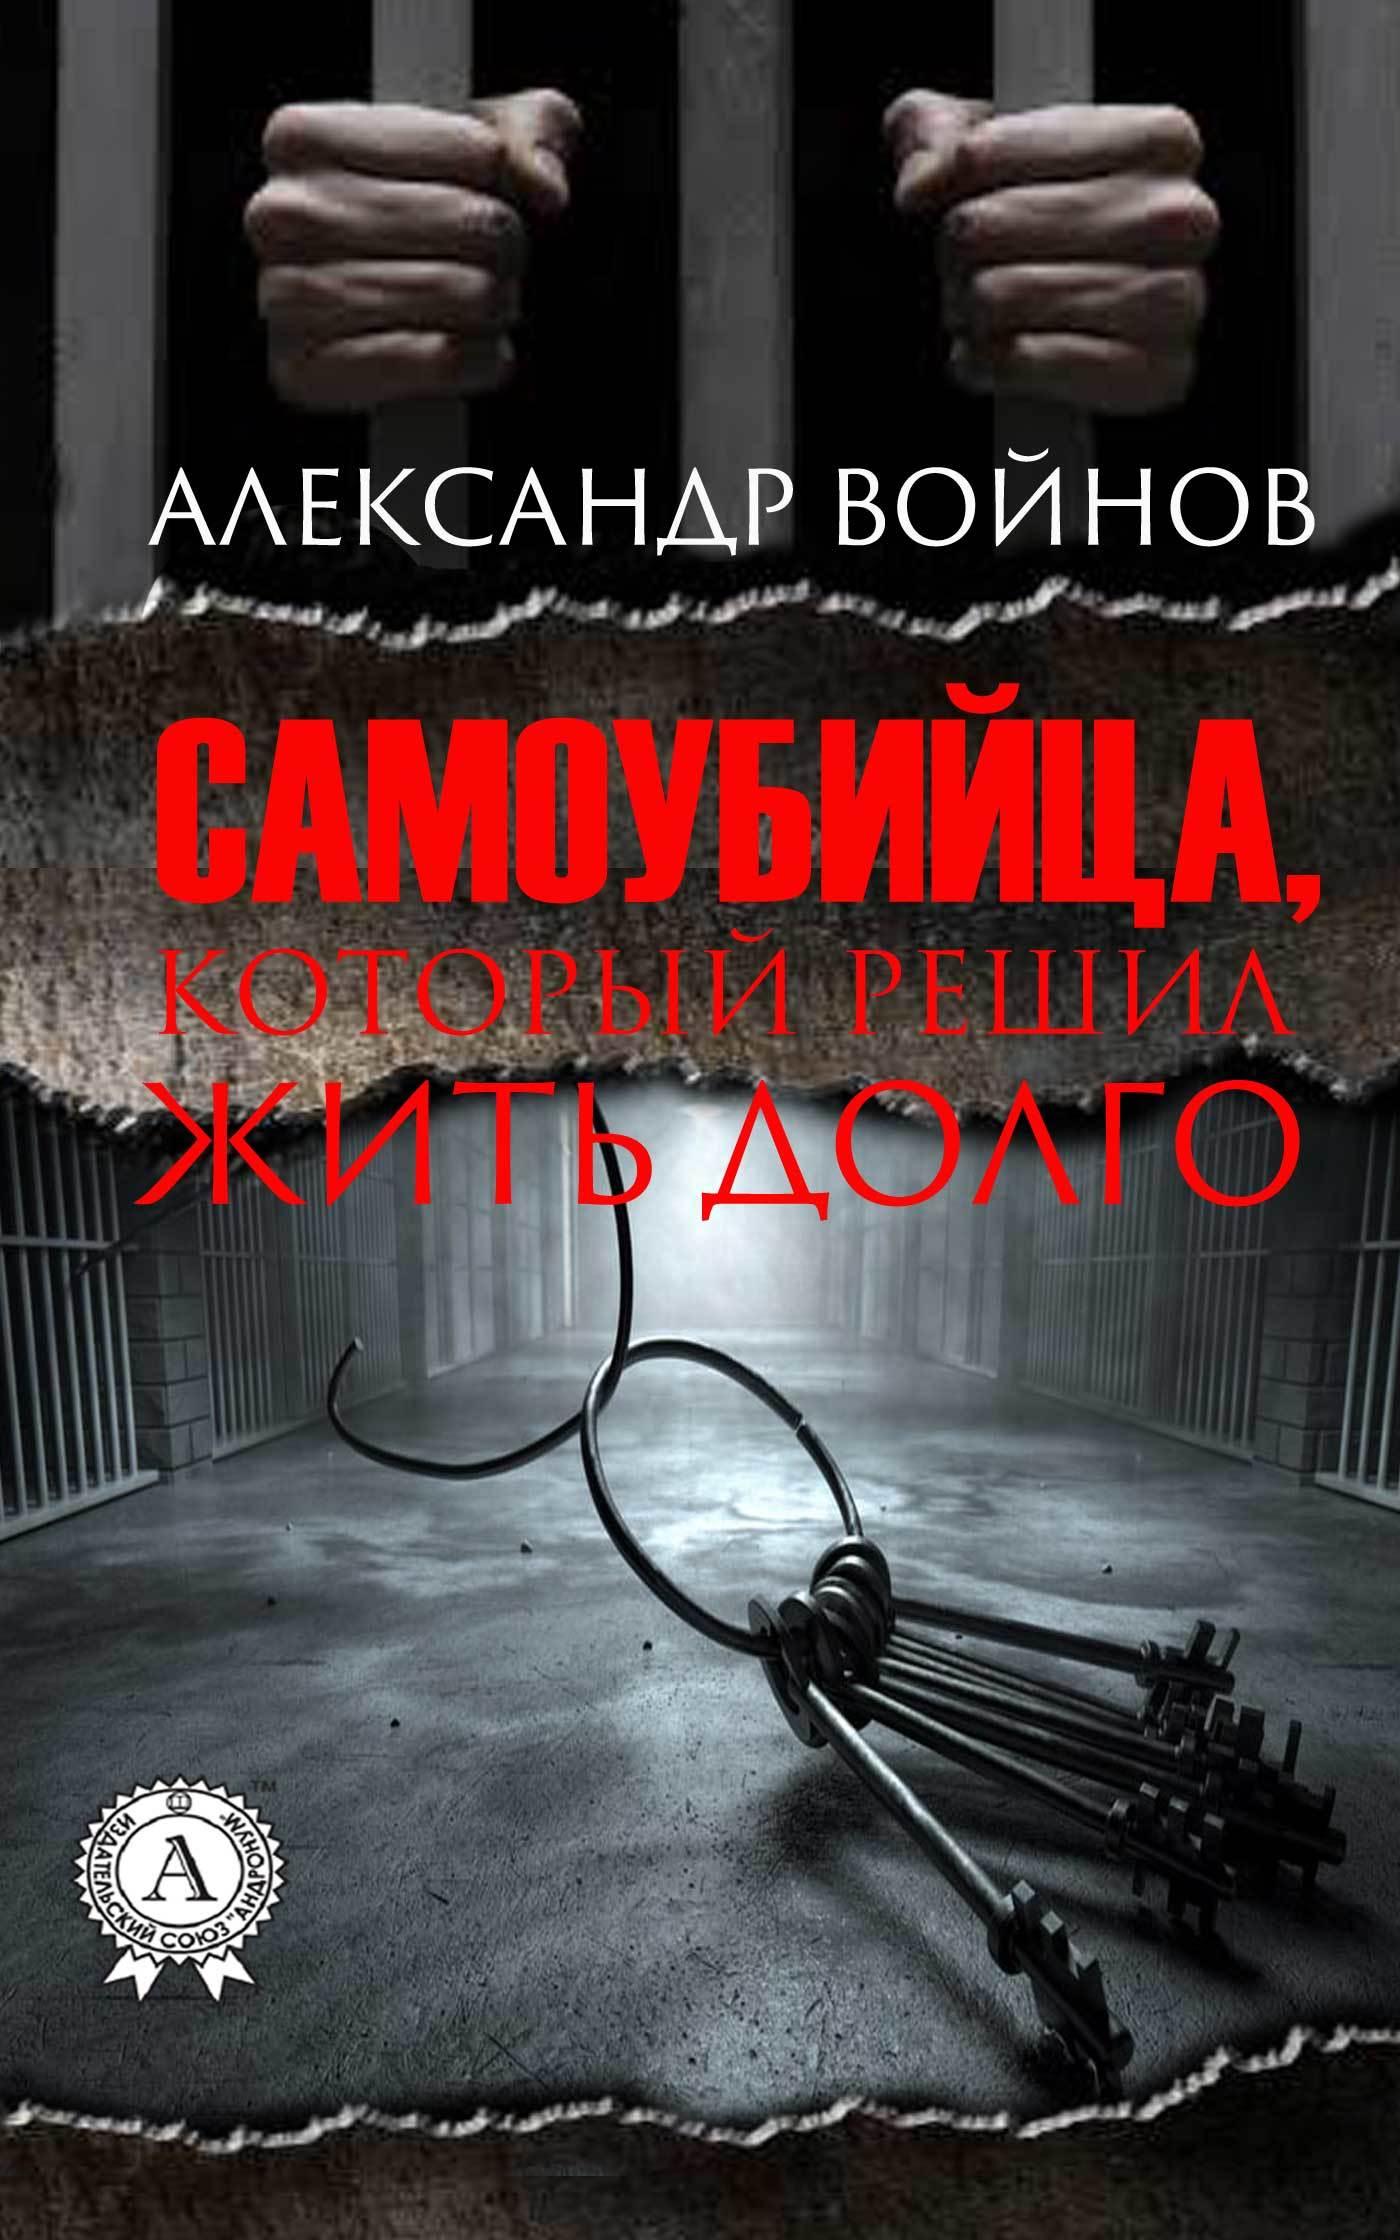 Александр Войнов - Самоубийца, который решил жить долго